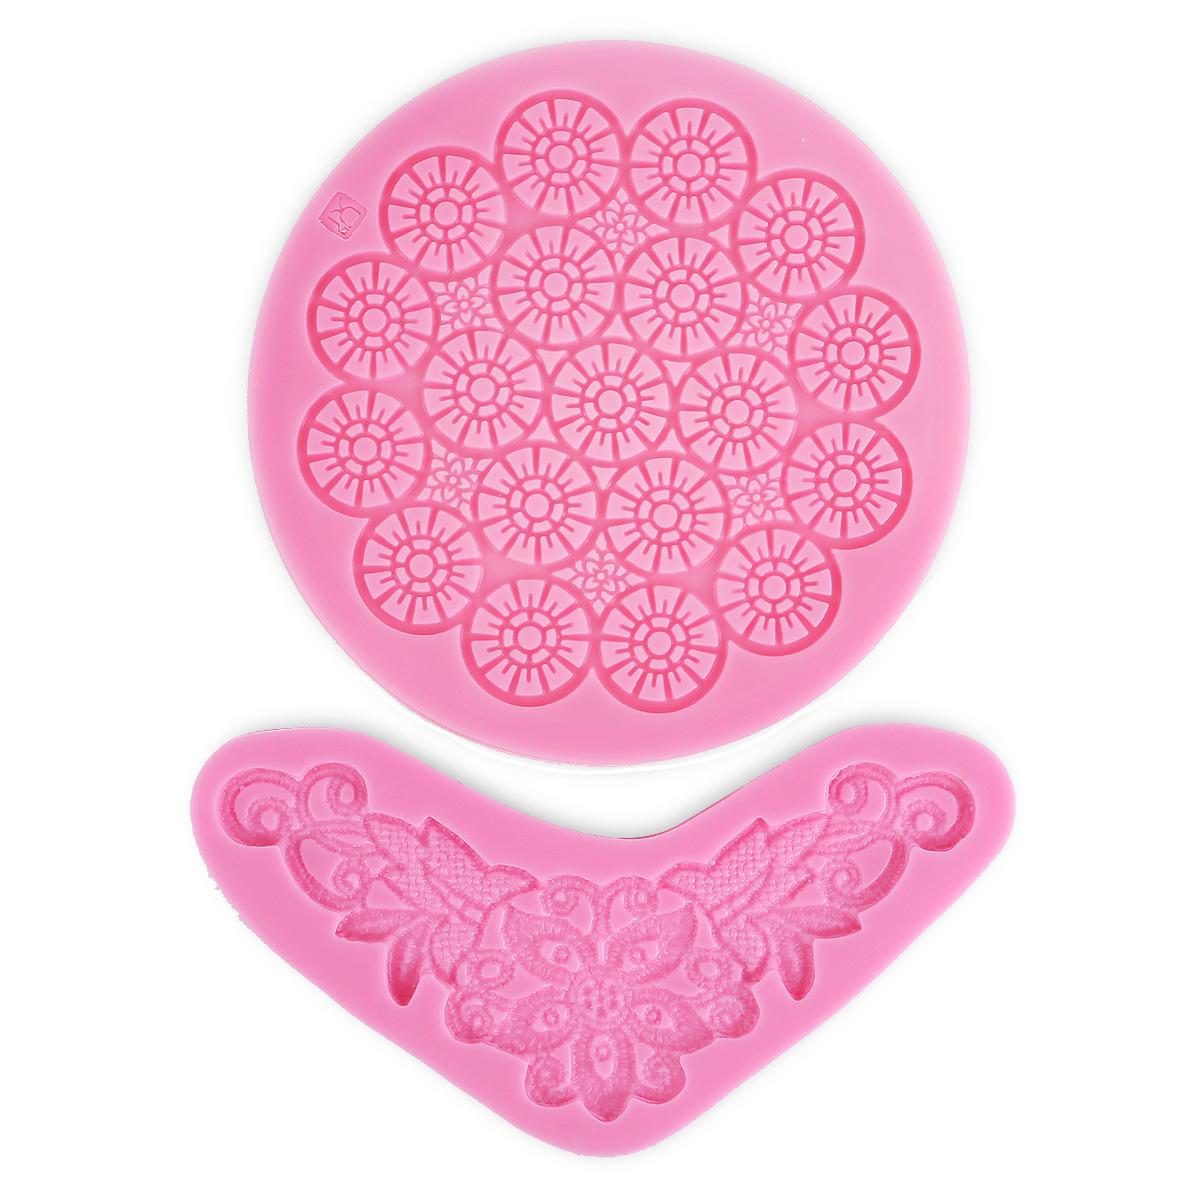 Cake Decorating Lace Molds Uk : 2x Cake decorating silicone icing fondant lace mould Mold ...